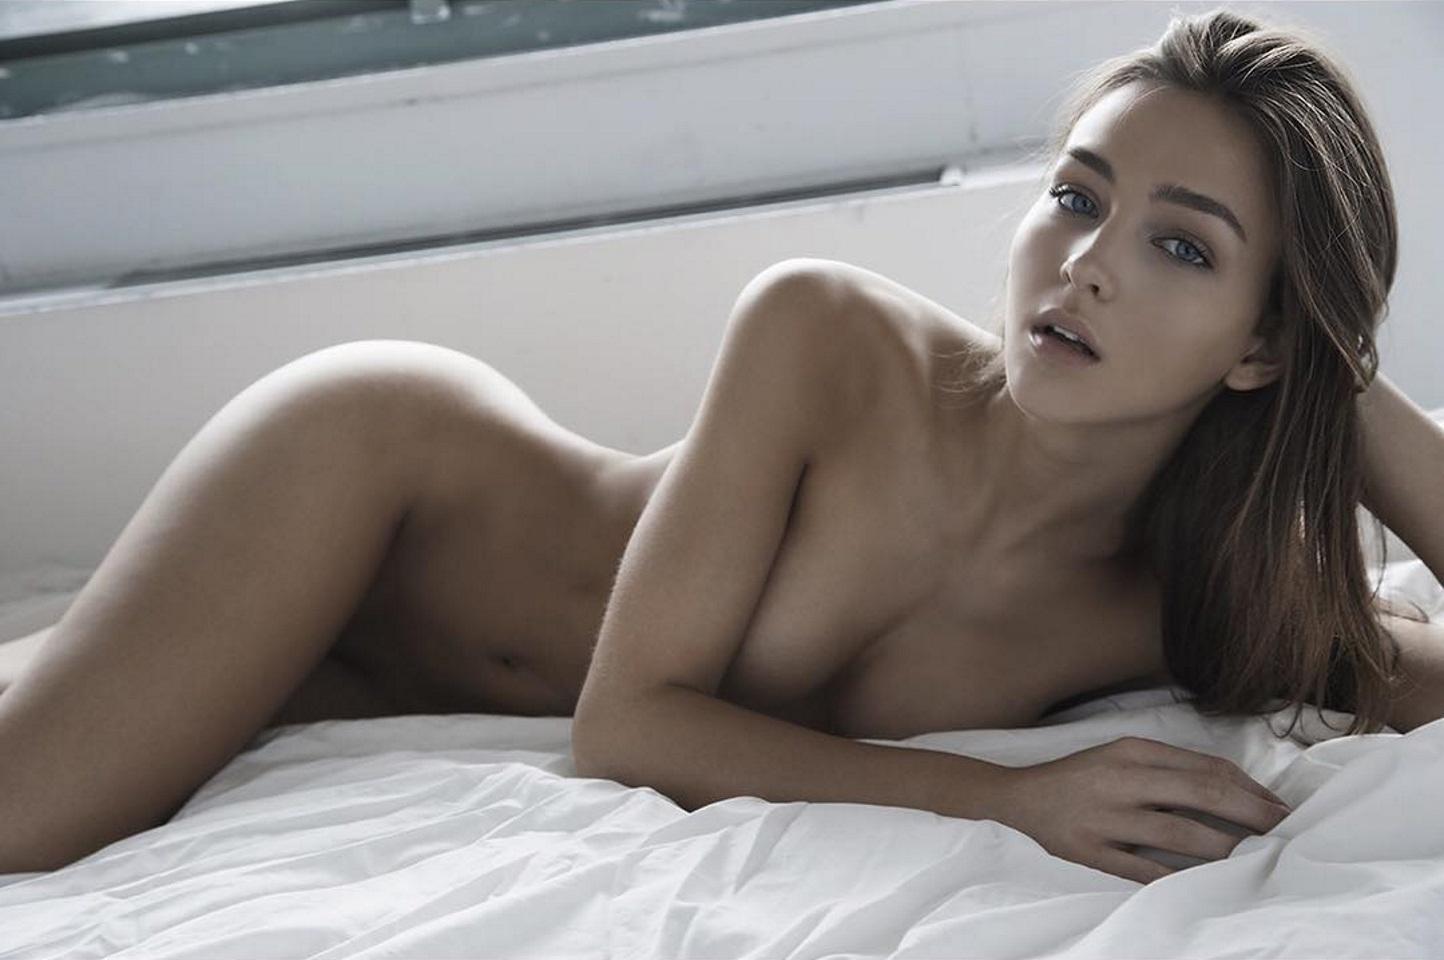 Nude Pics Of Rachel Cook